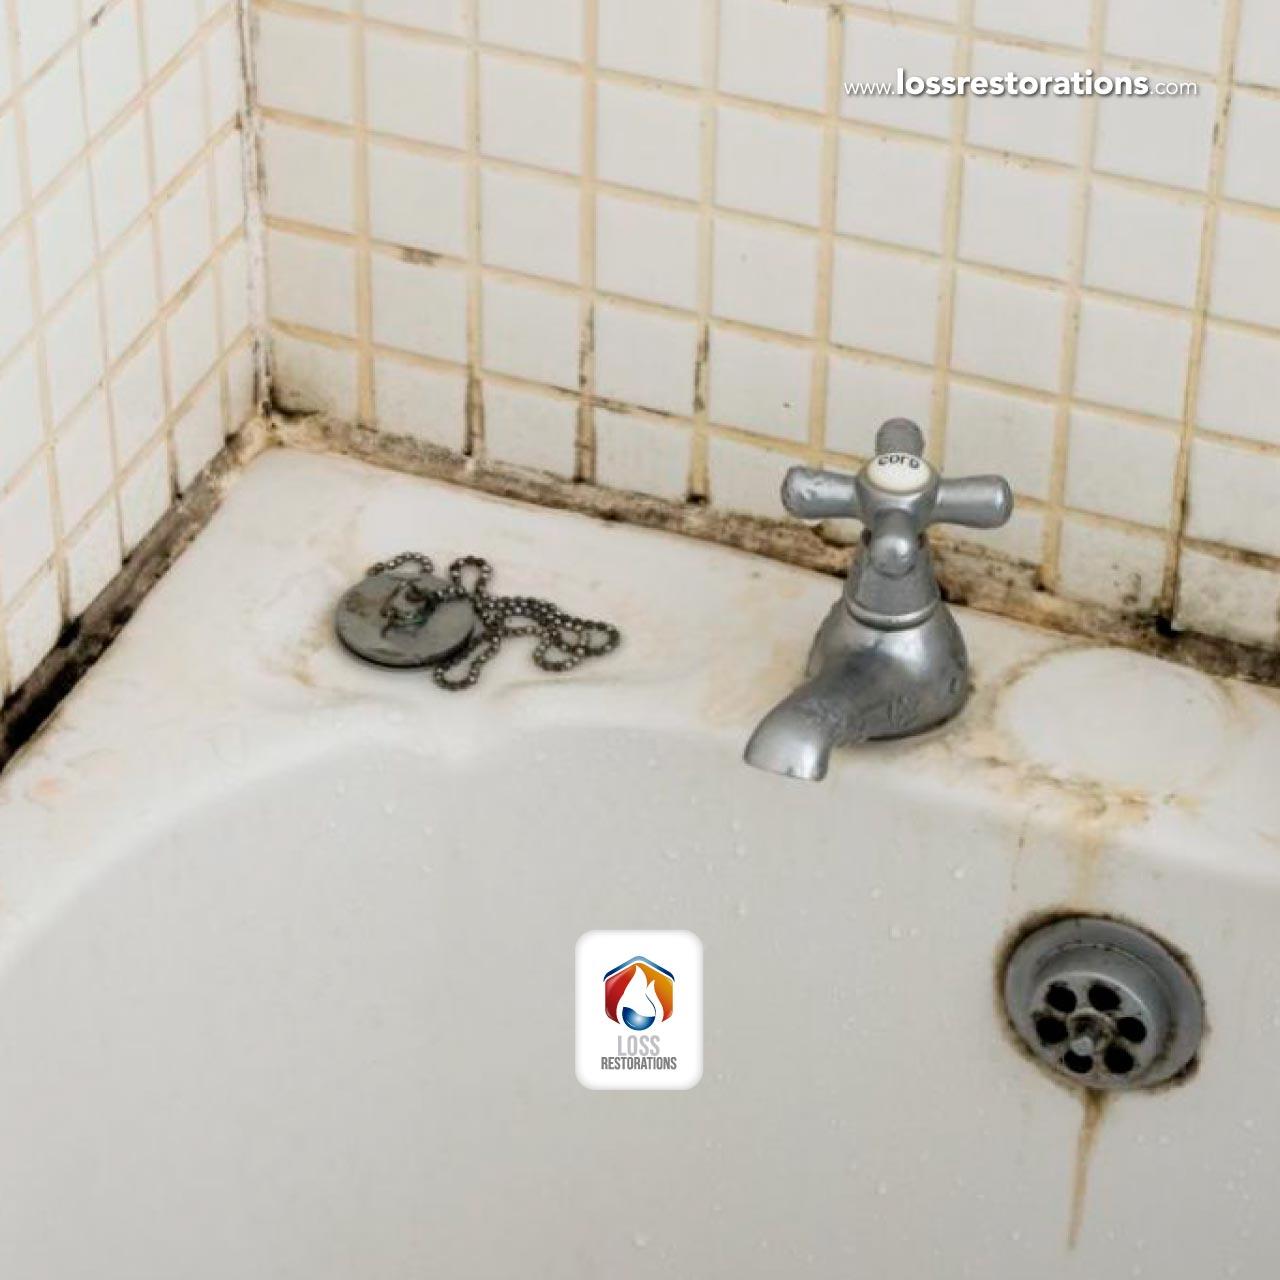 Pasos para reparar paredes y pisos en salas de baño a causa de la humedad